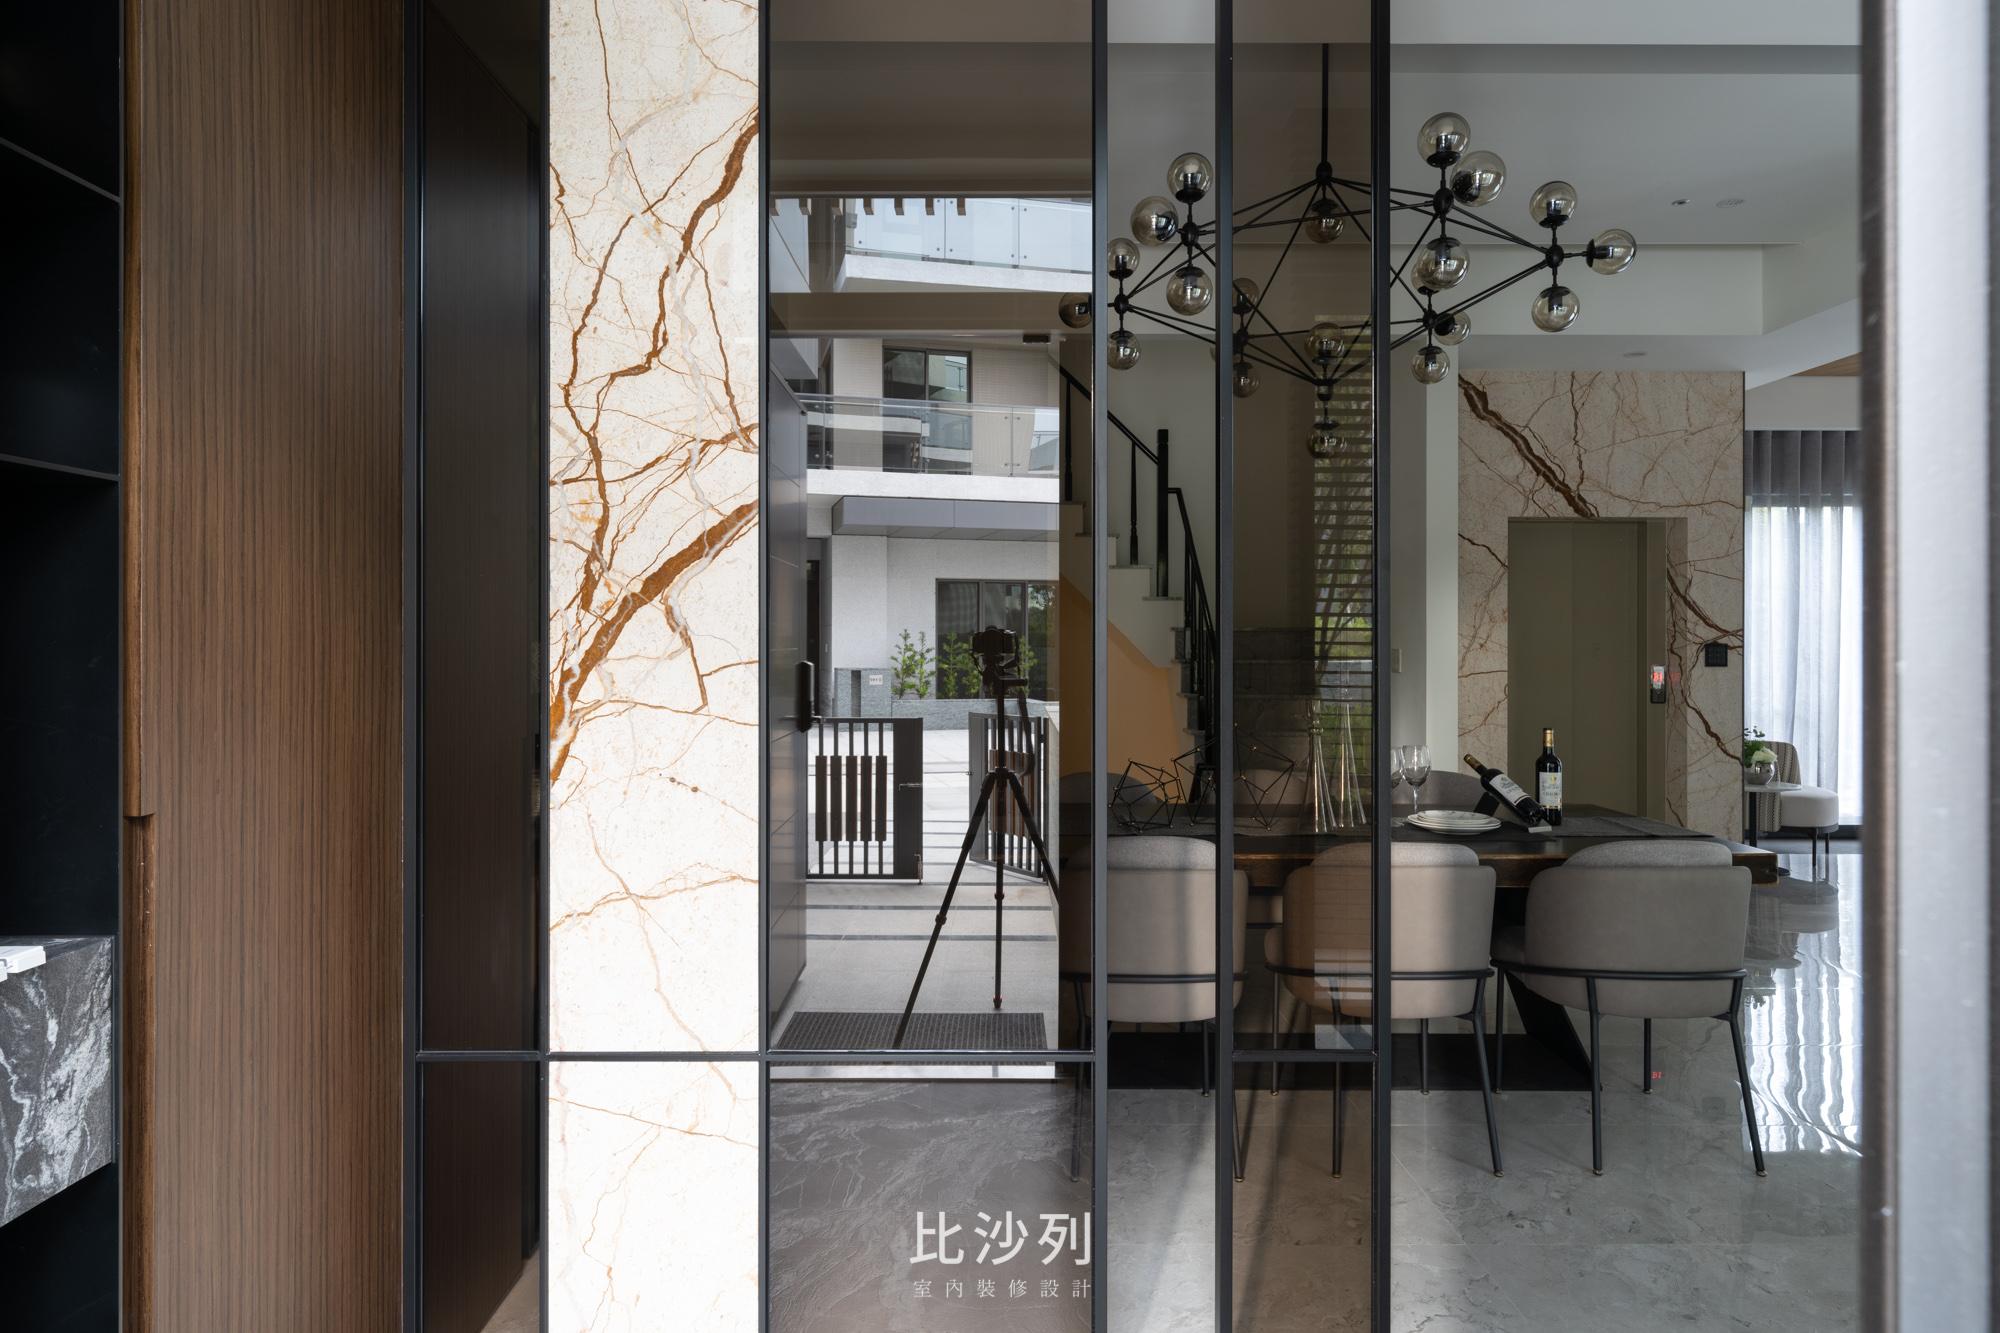 御林墅 |豪宅設計,室內裝潢設計的專家|比沙列空間設計